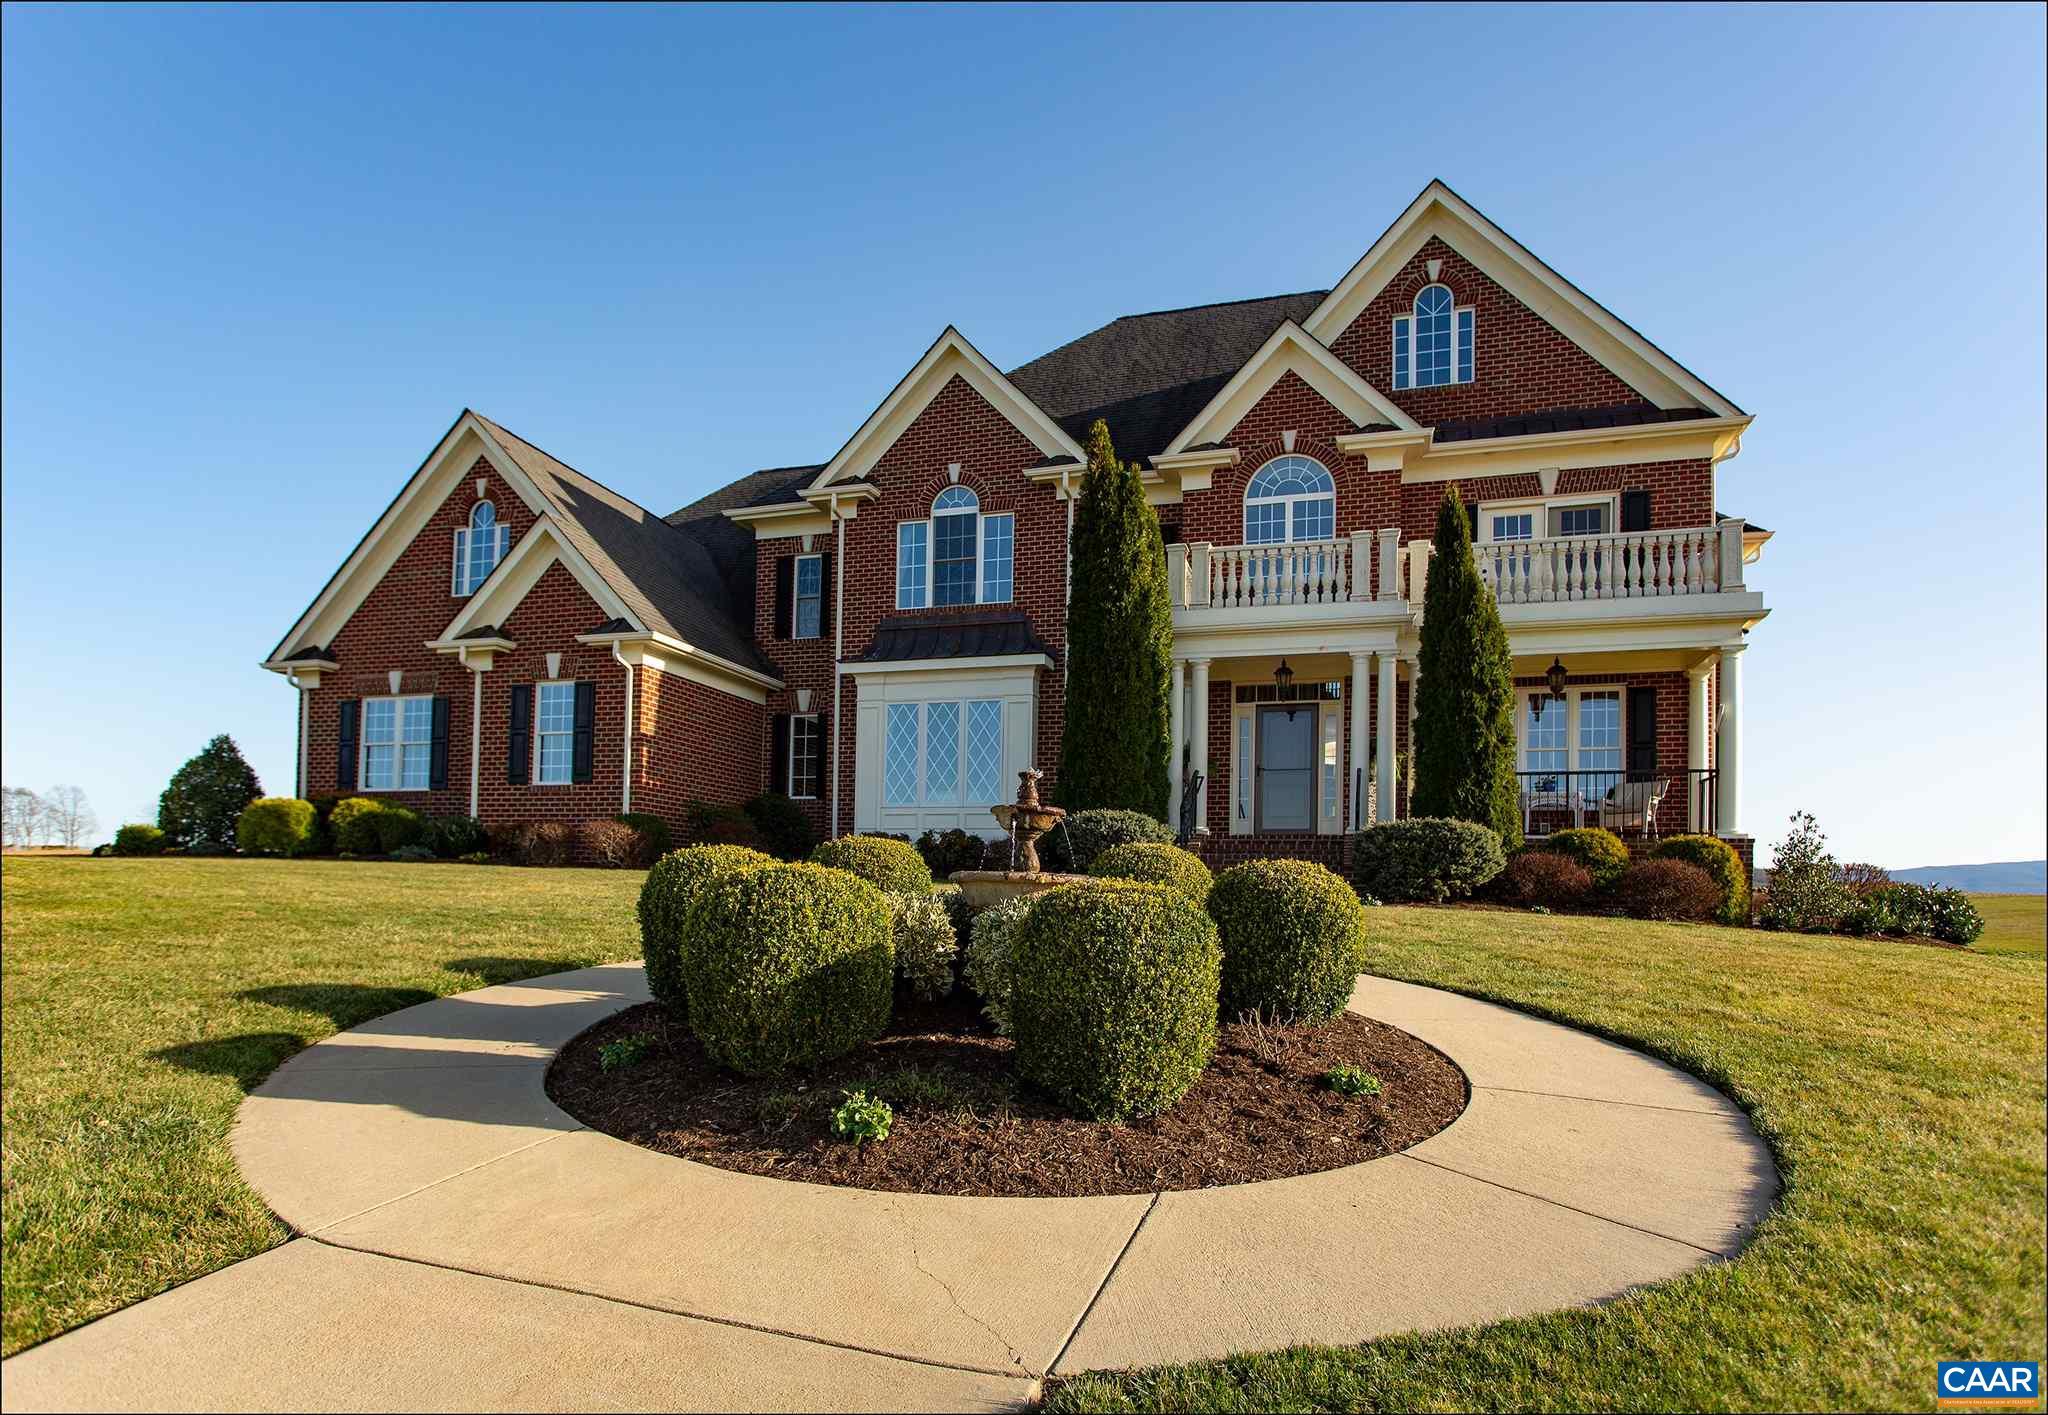 3483 BARTERBROOK RD, STAUNTON, VA 24401